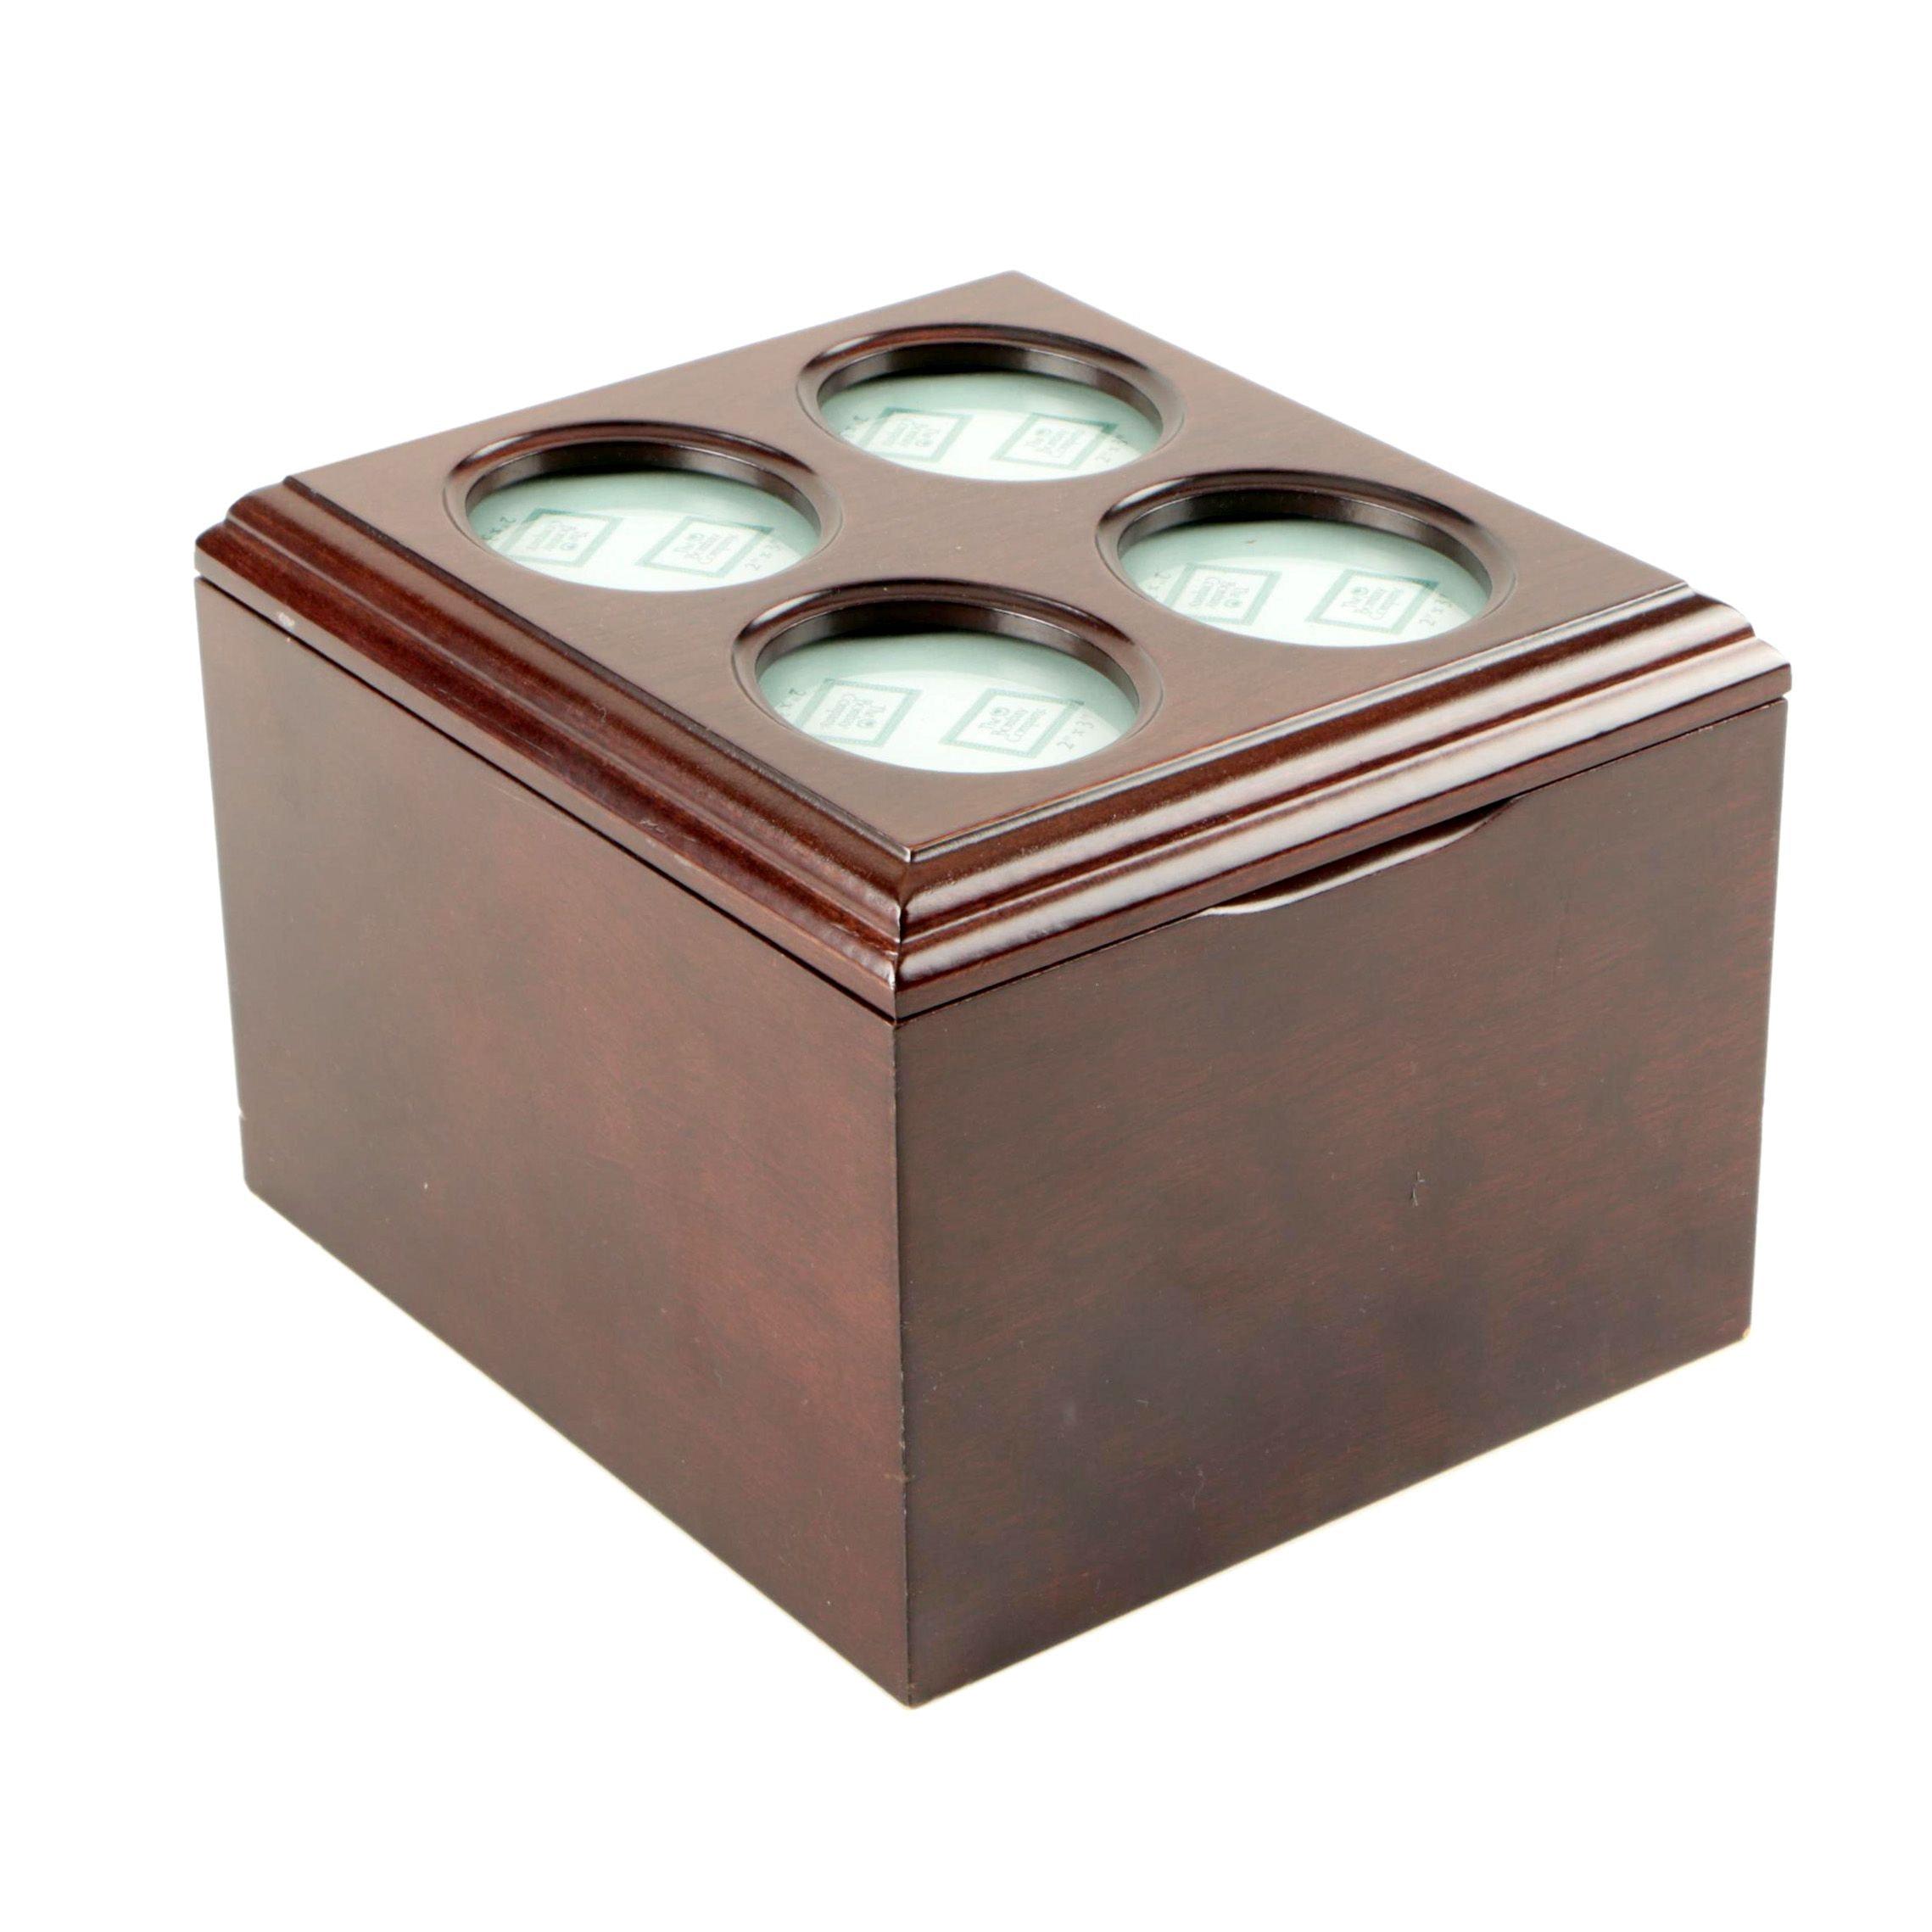 Wooden Photo Storage Box